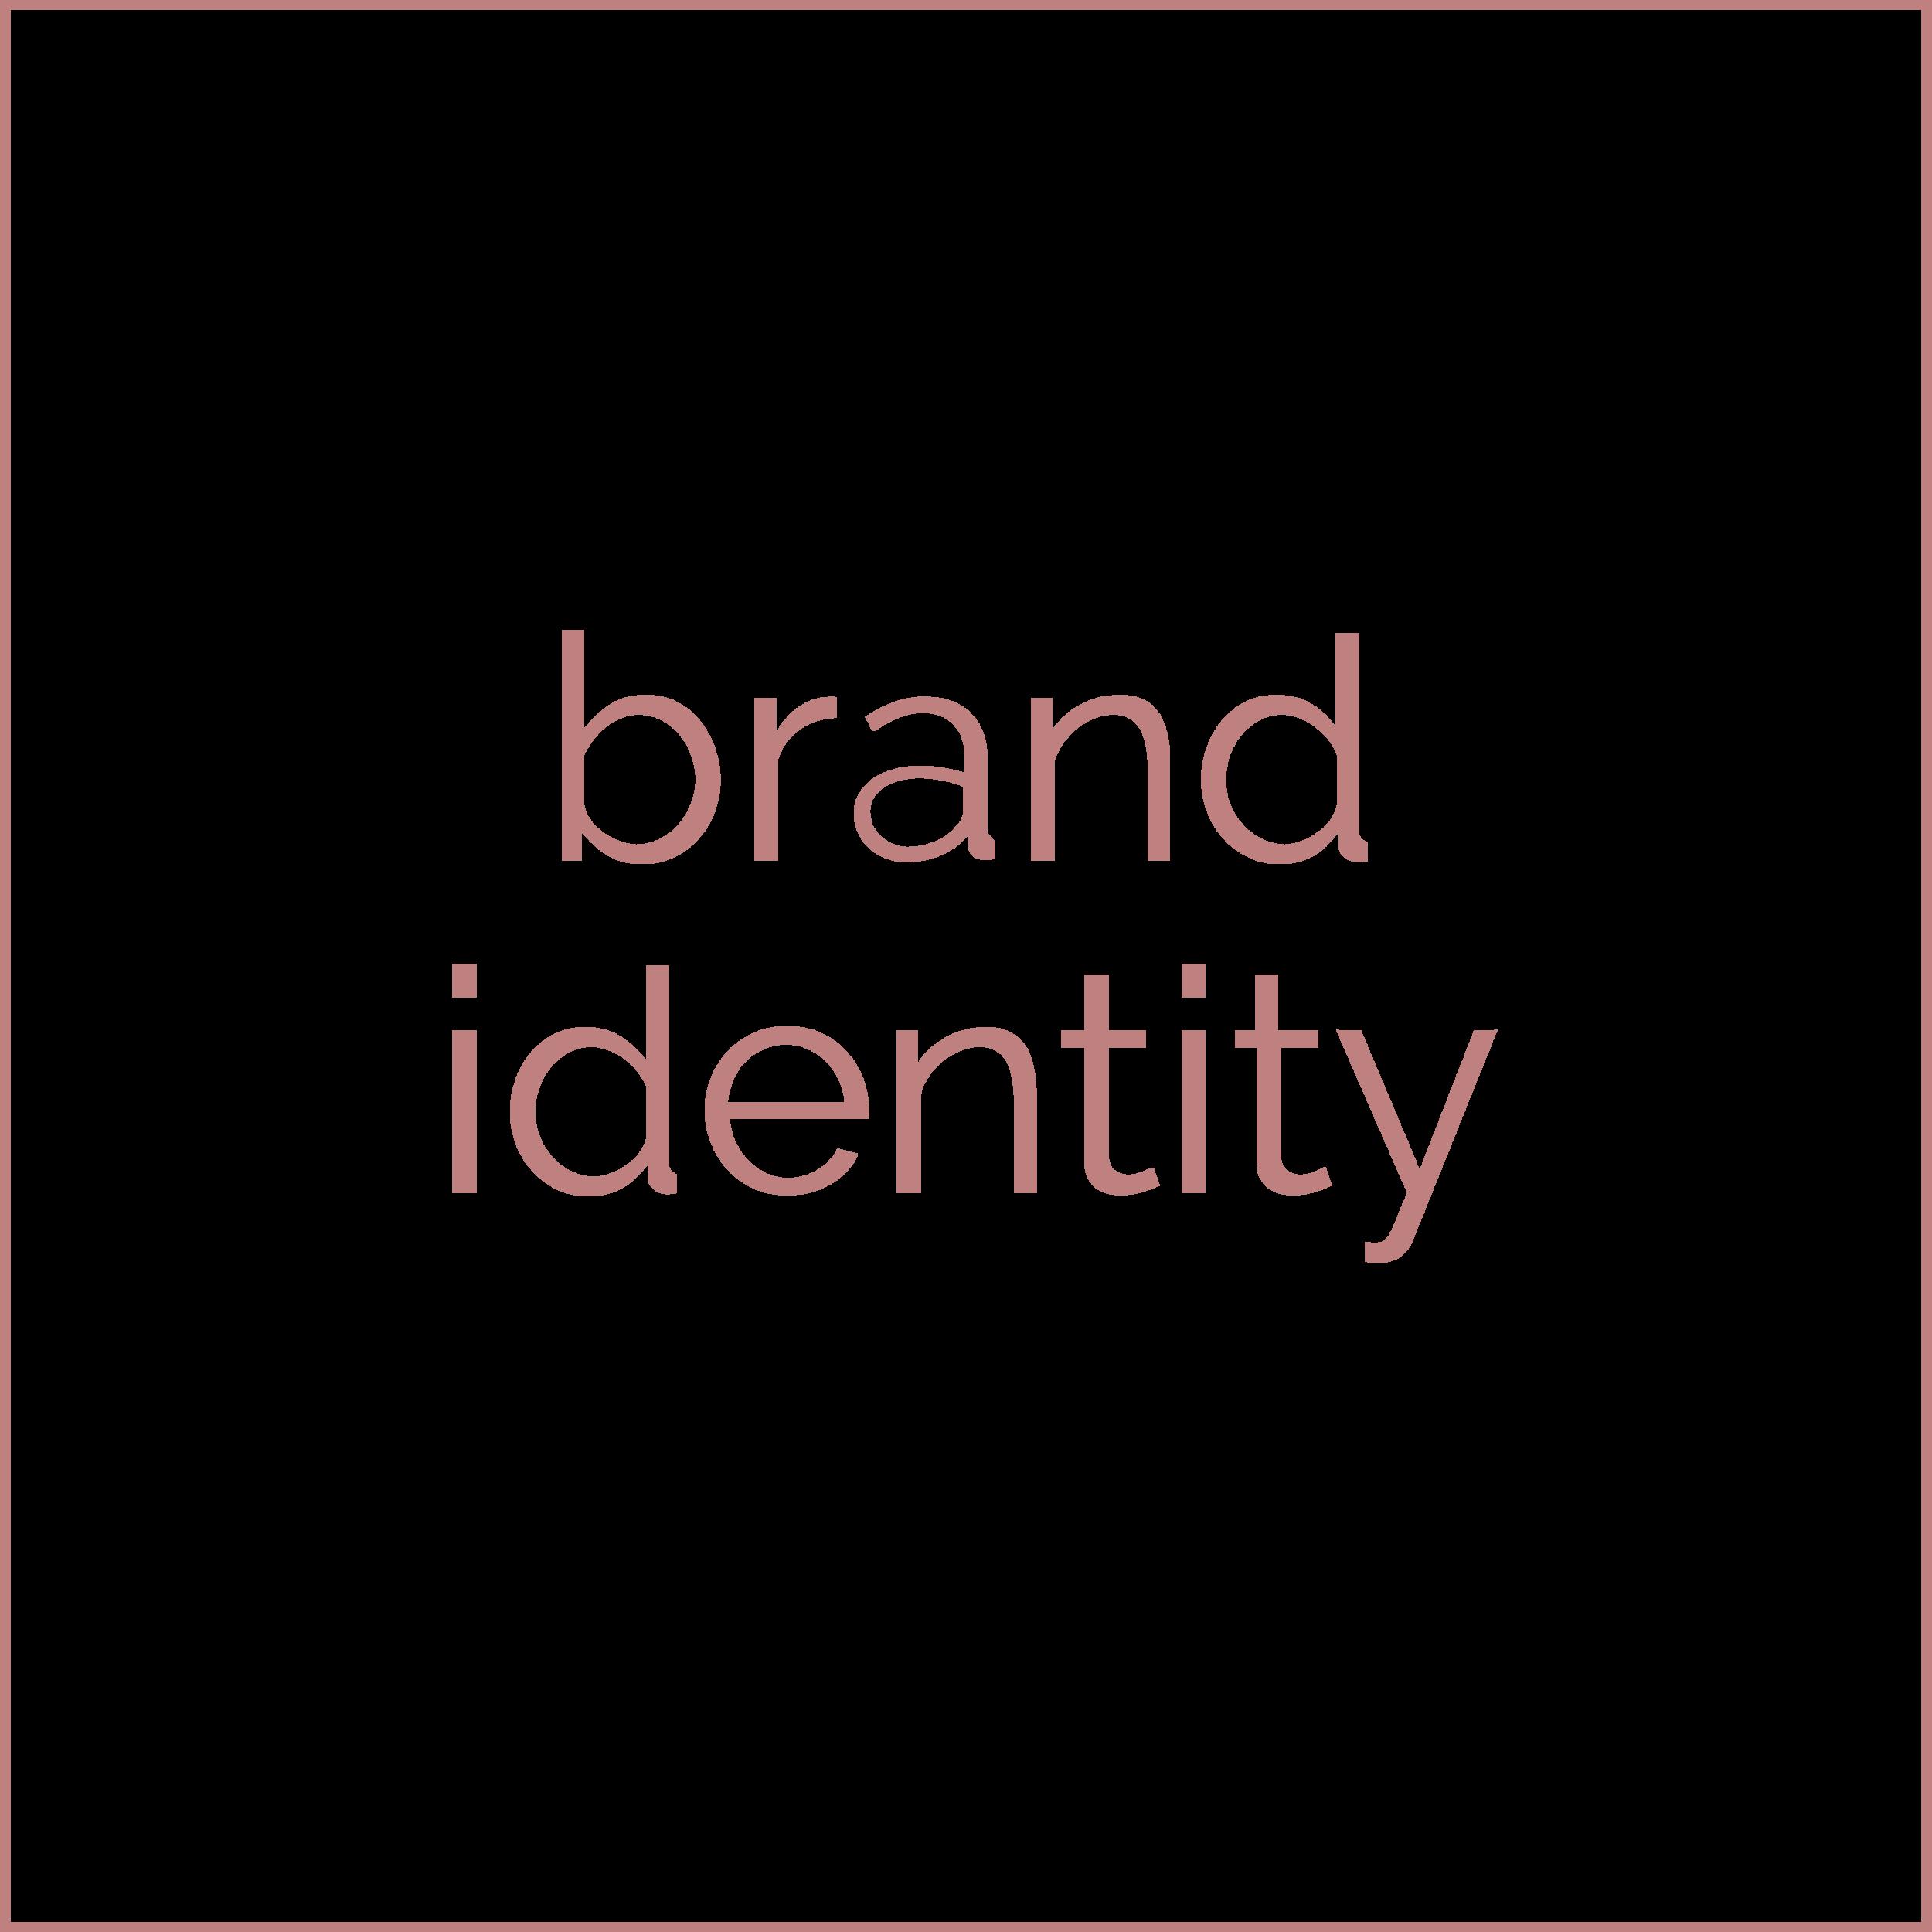 brandidentity2.png